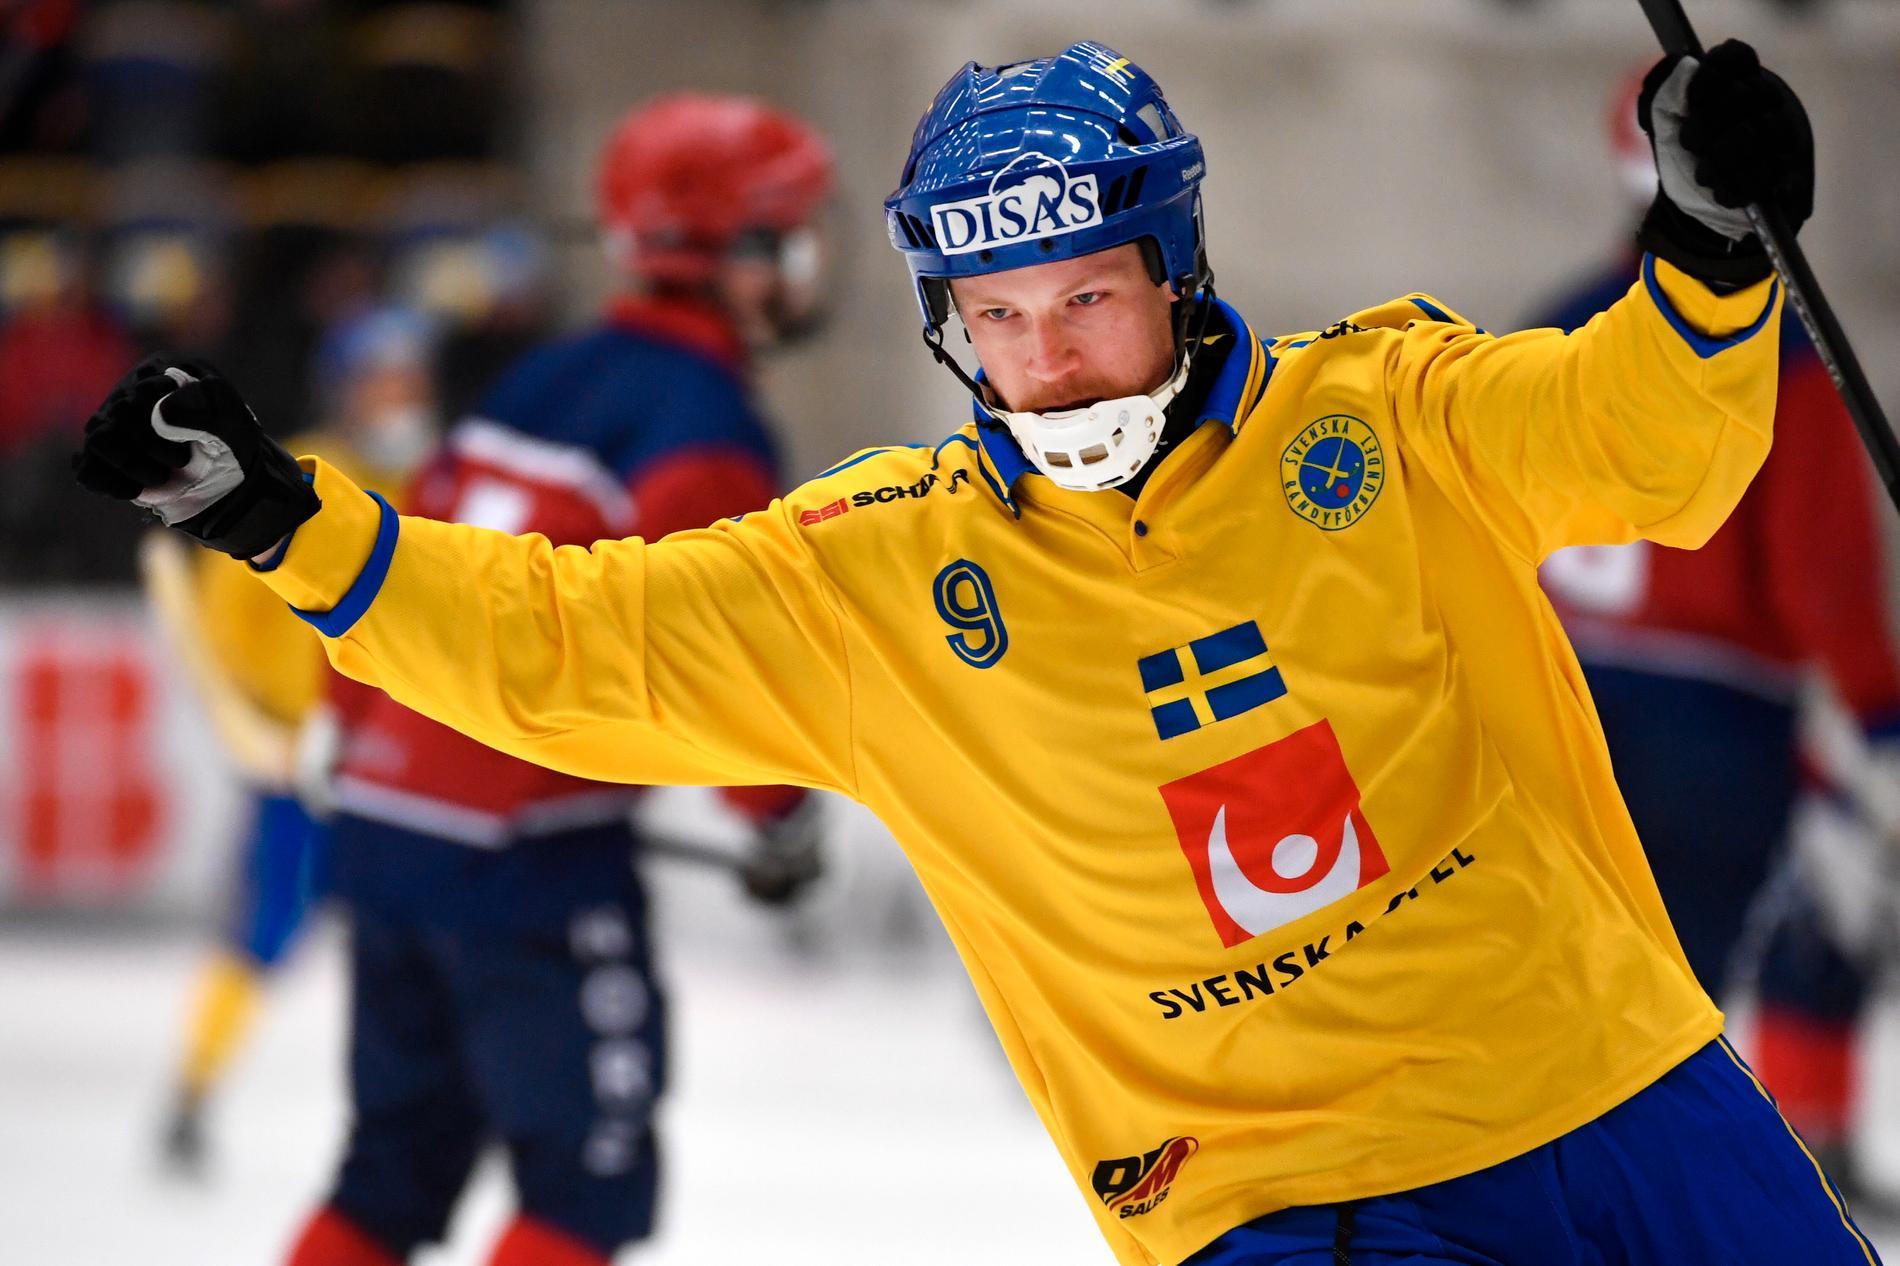 Johan Löfstedt firar ett av sina mål.